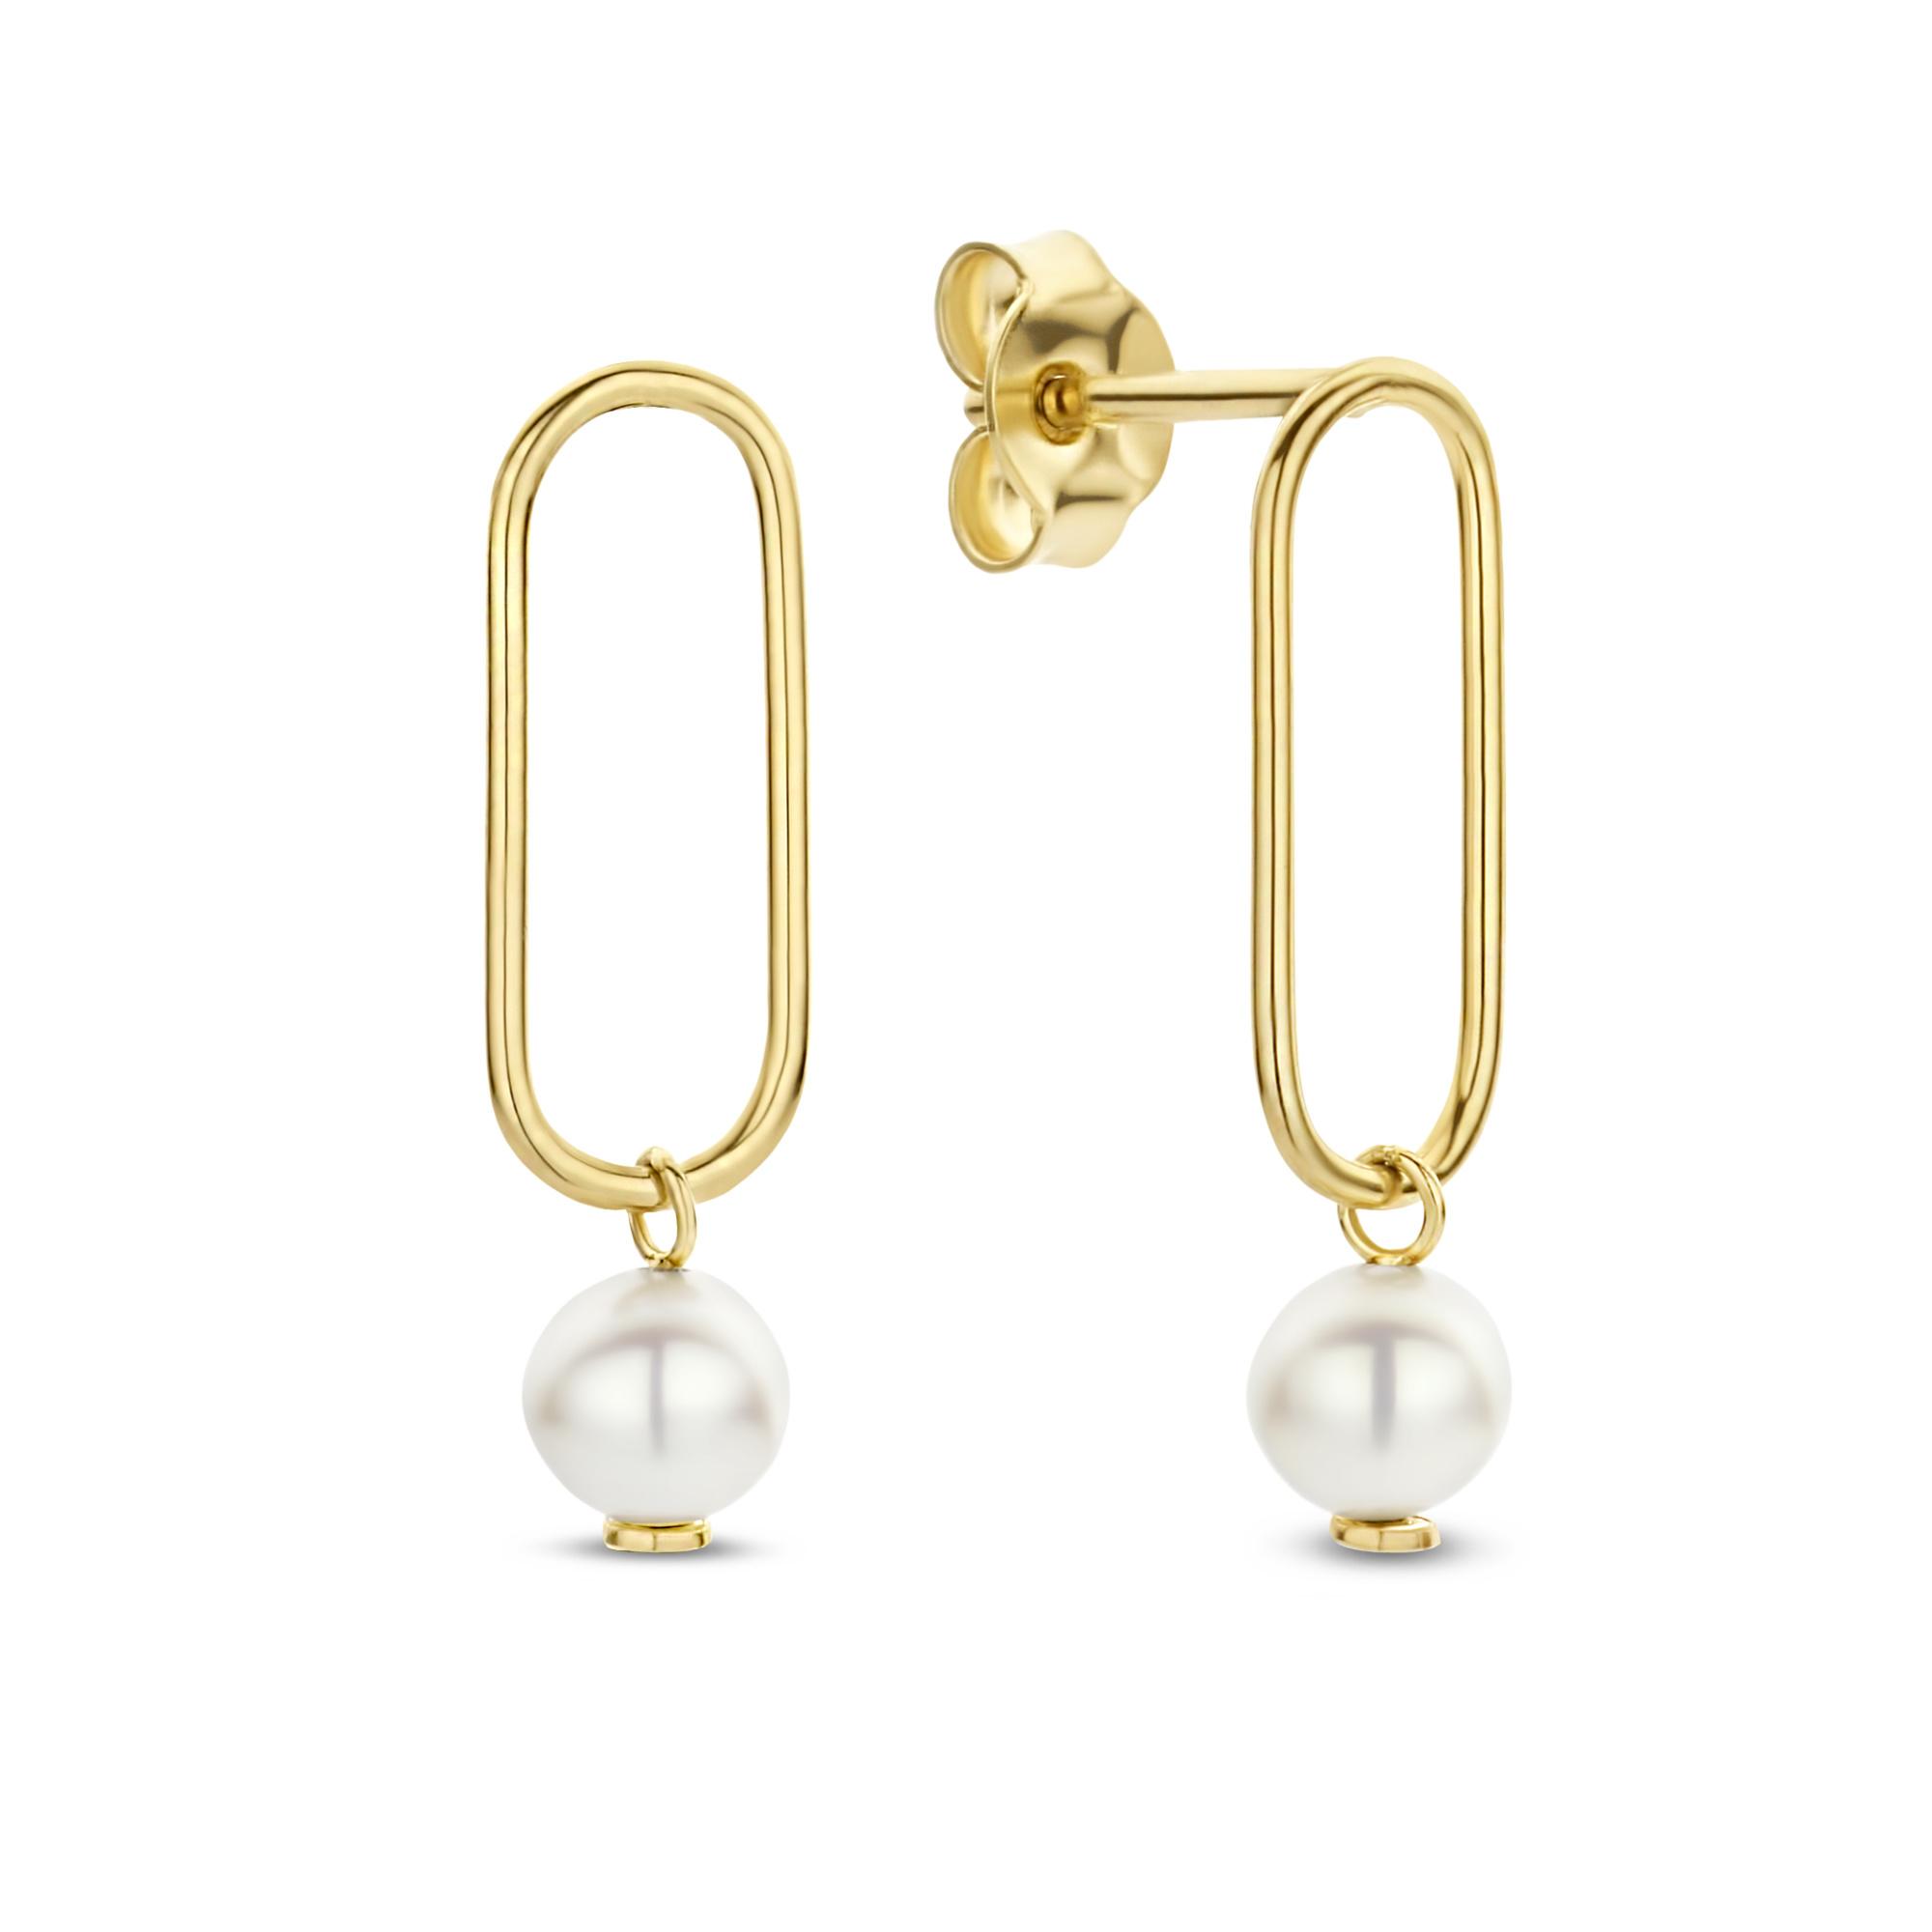 Isabel Bernard Belleville Luna clous d'oreilles en or 14 carats avec perle d'eau douce